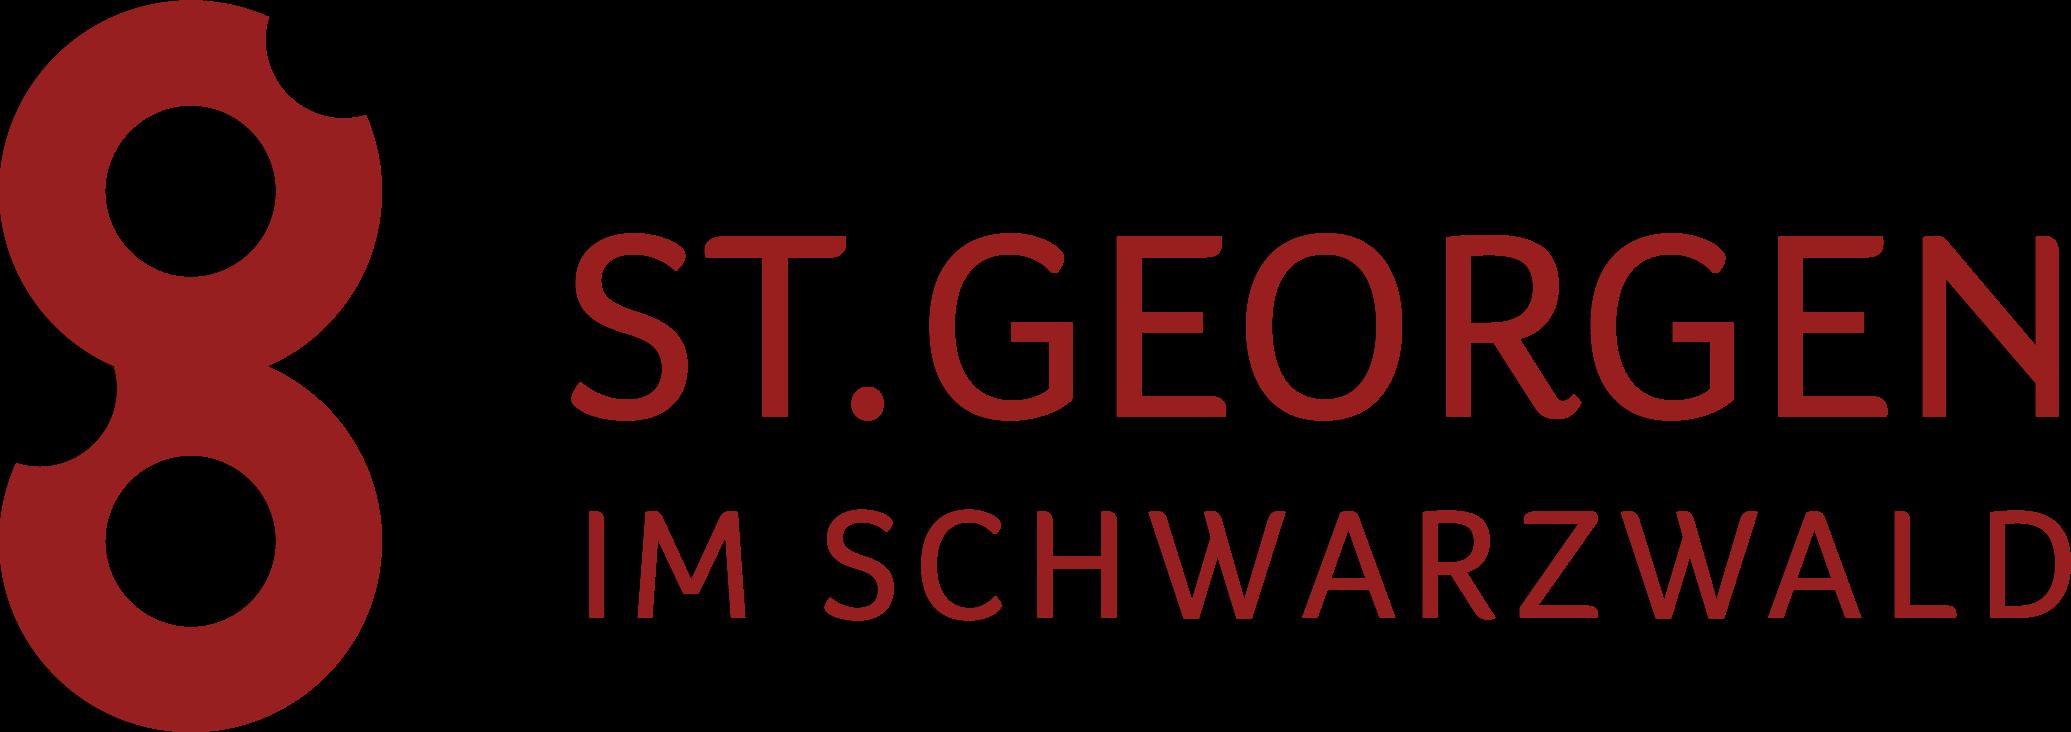 Wunschbaum St. Georgen im Schwarzwald